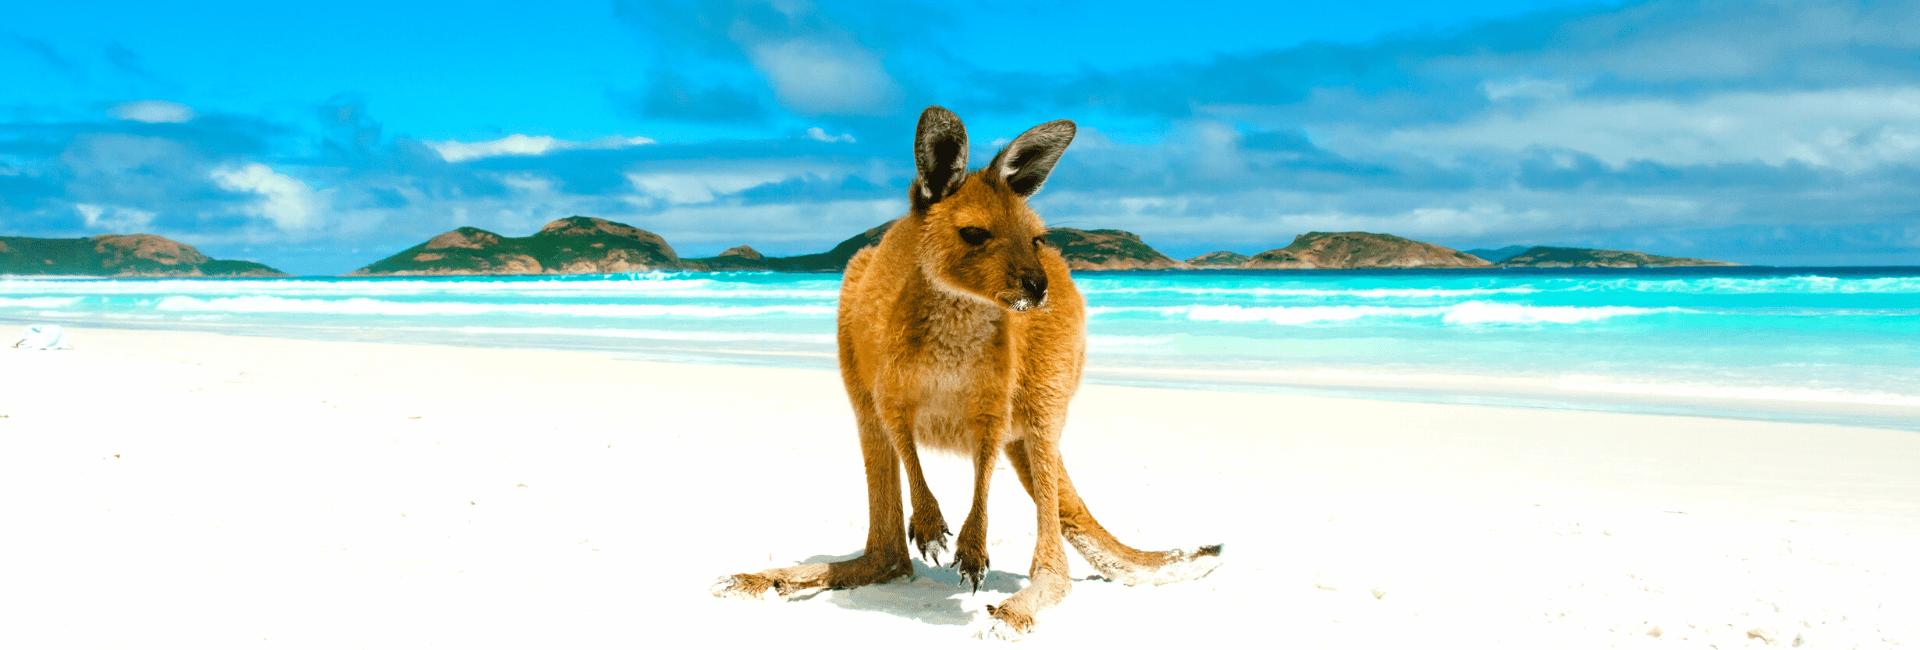 Danmarks bedste rundrejser til Australien med dansk rejseleder - Risskov Rejser